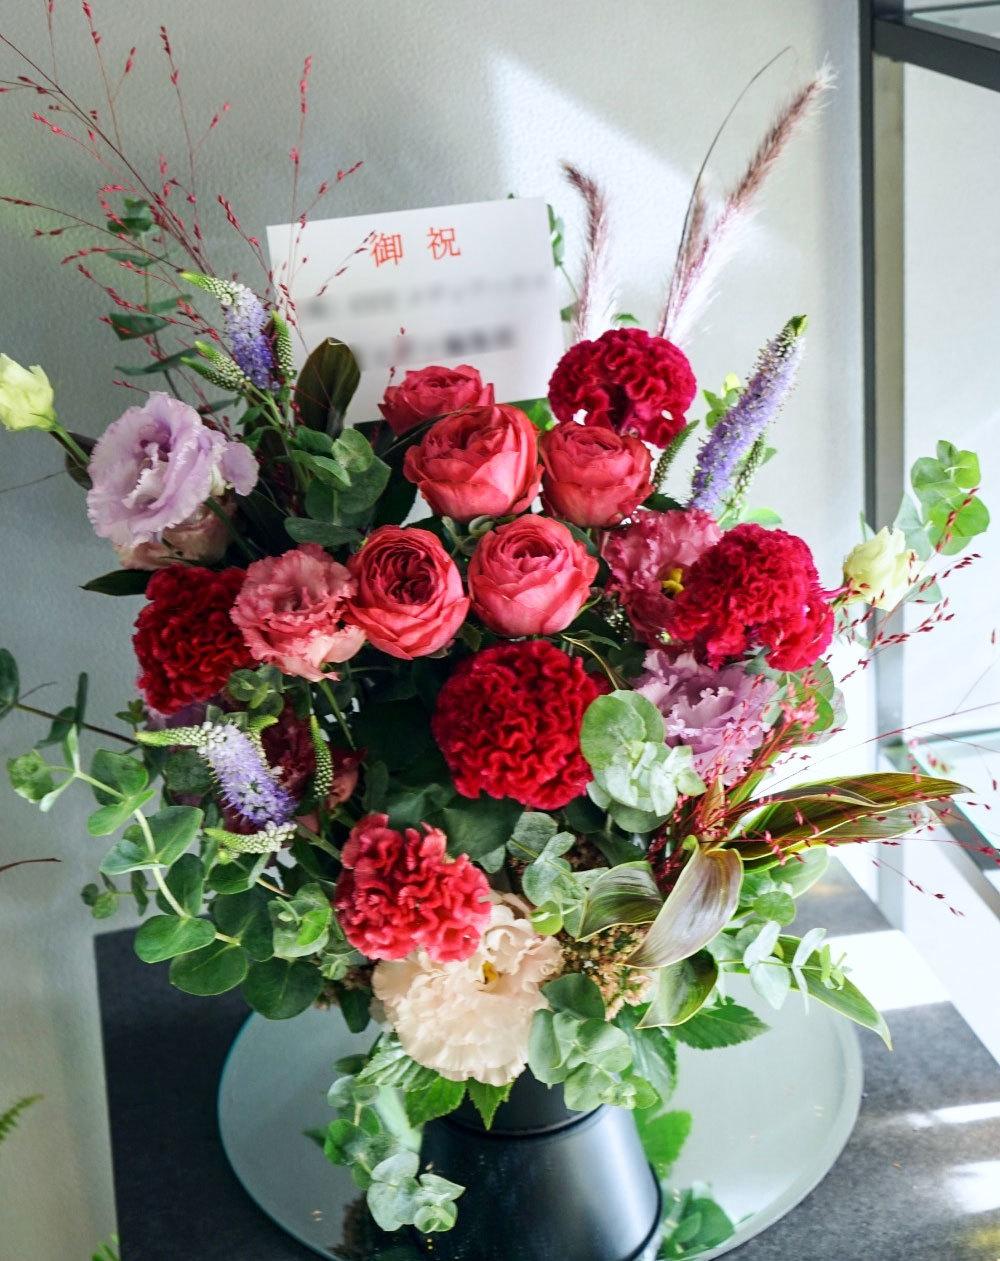 アパレルショップのインテリアにもなるリニューアルオープン祝いのお花